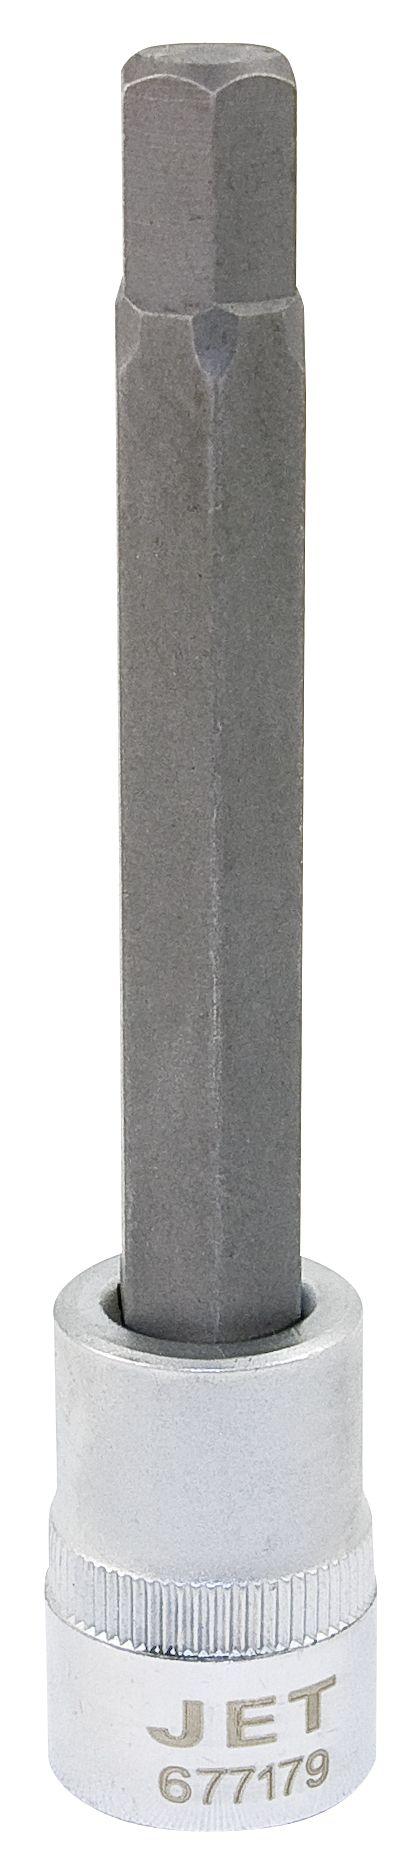 Jet 677178 Douille hexagonale 8mm à prise 3/8